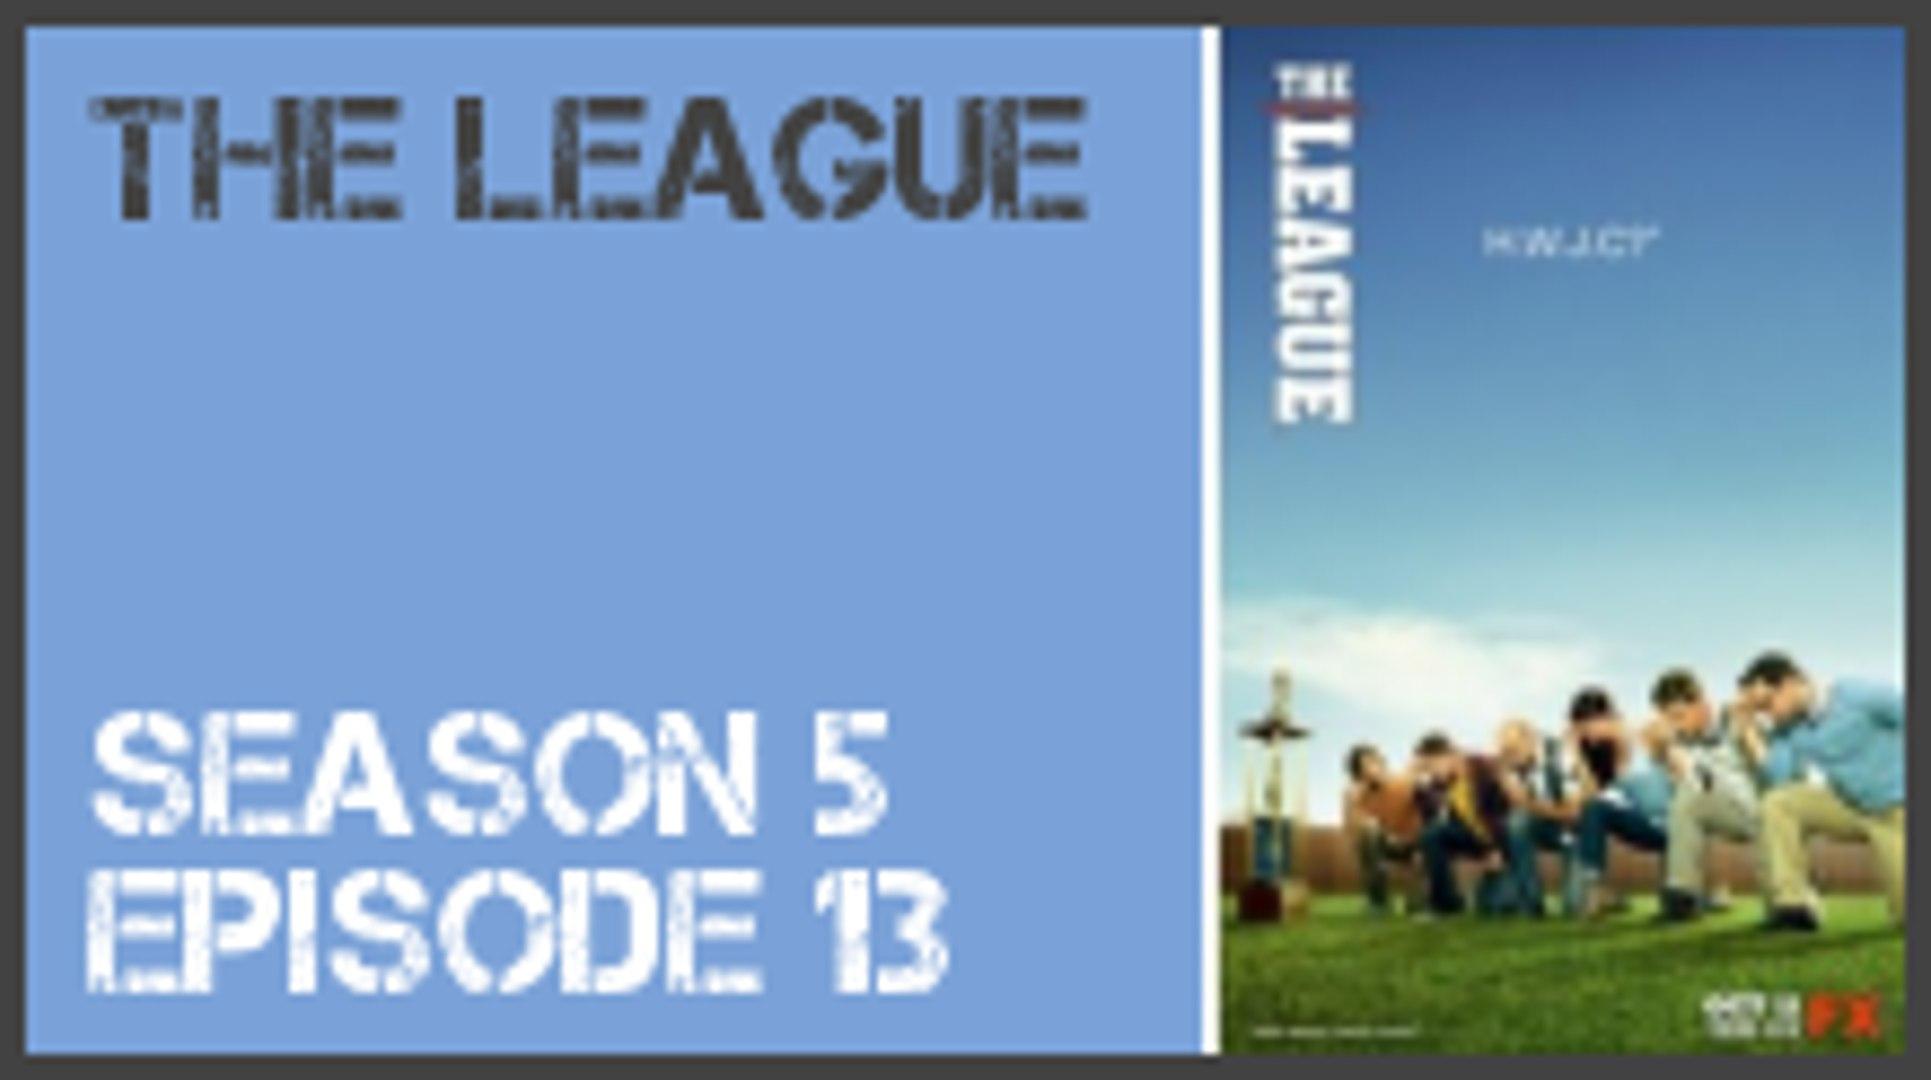 The league season 5 episode 13 s5e13